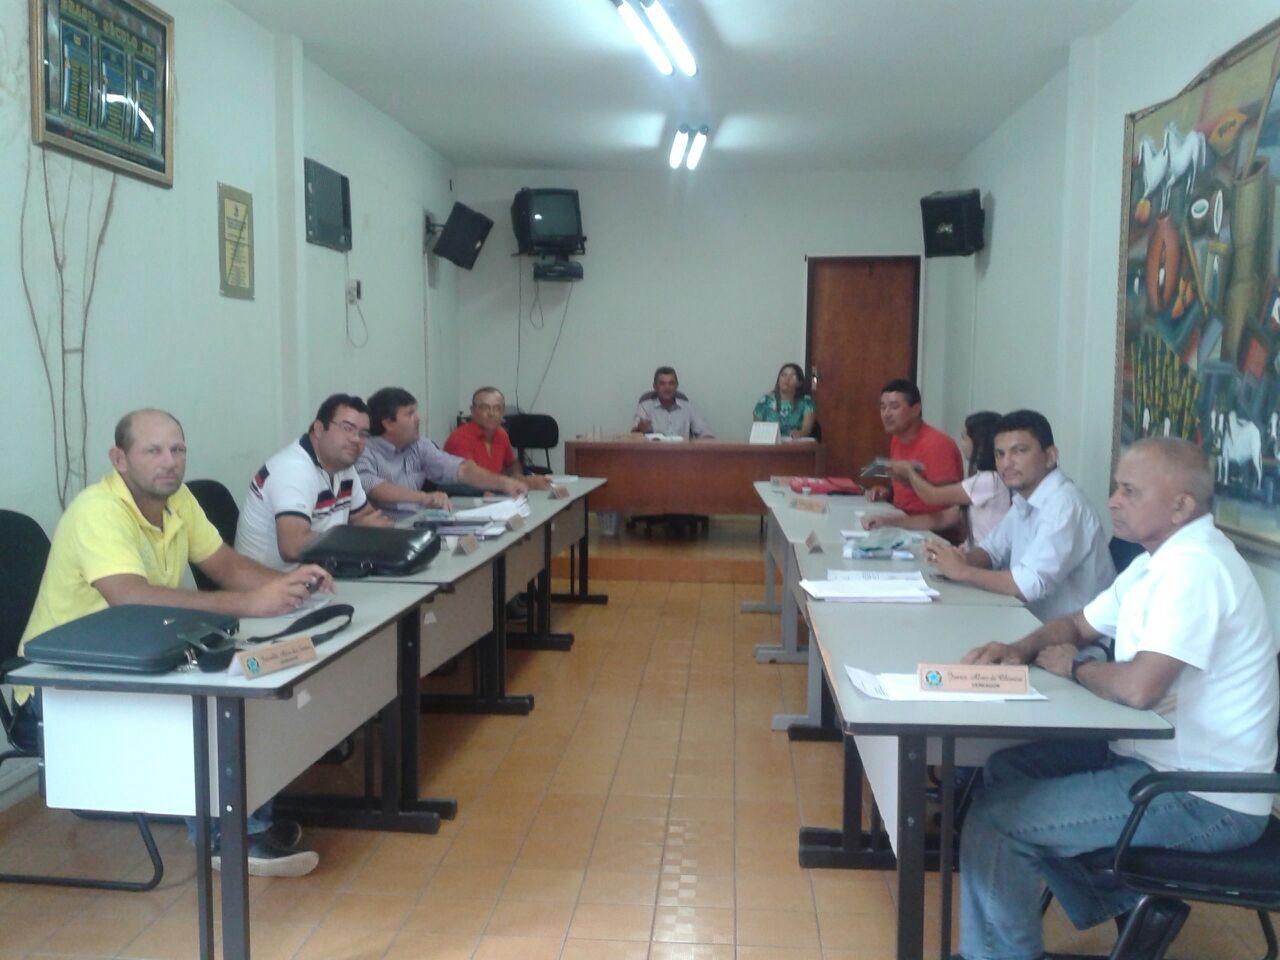 21ª Sessão Ordinária do 3º período Legislativo do biênio 2015/2016